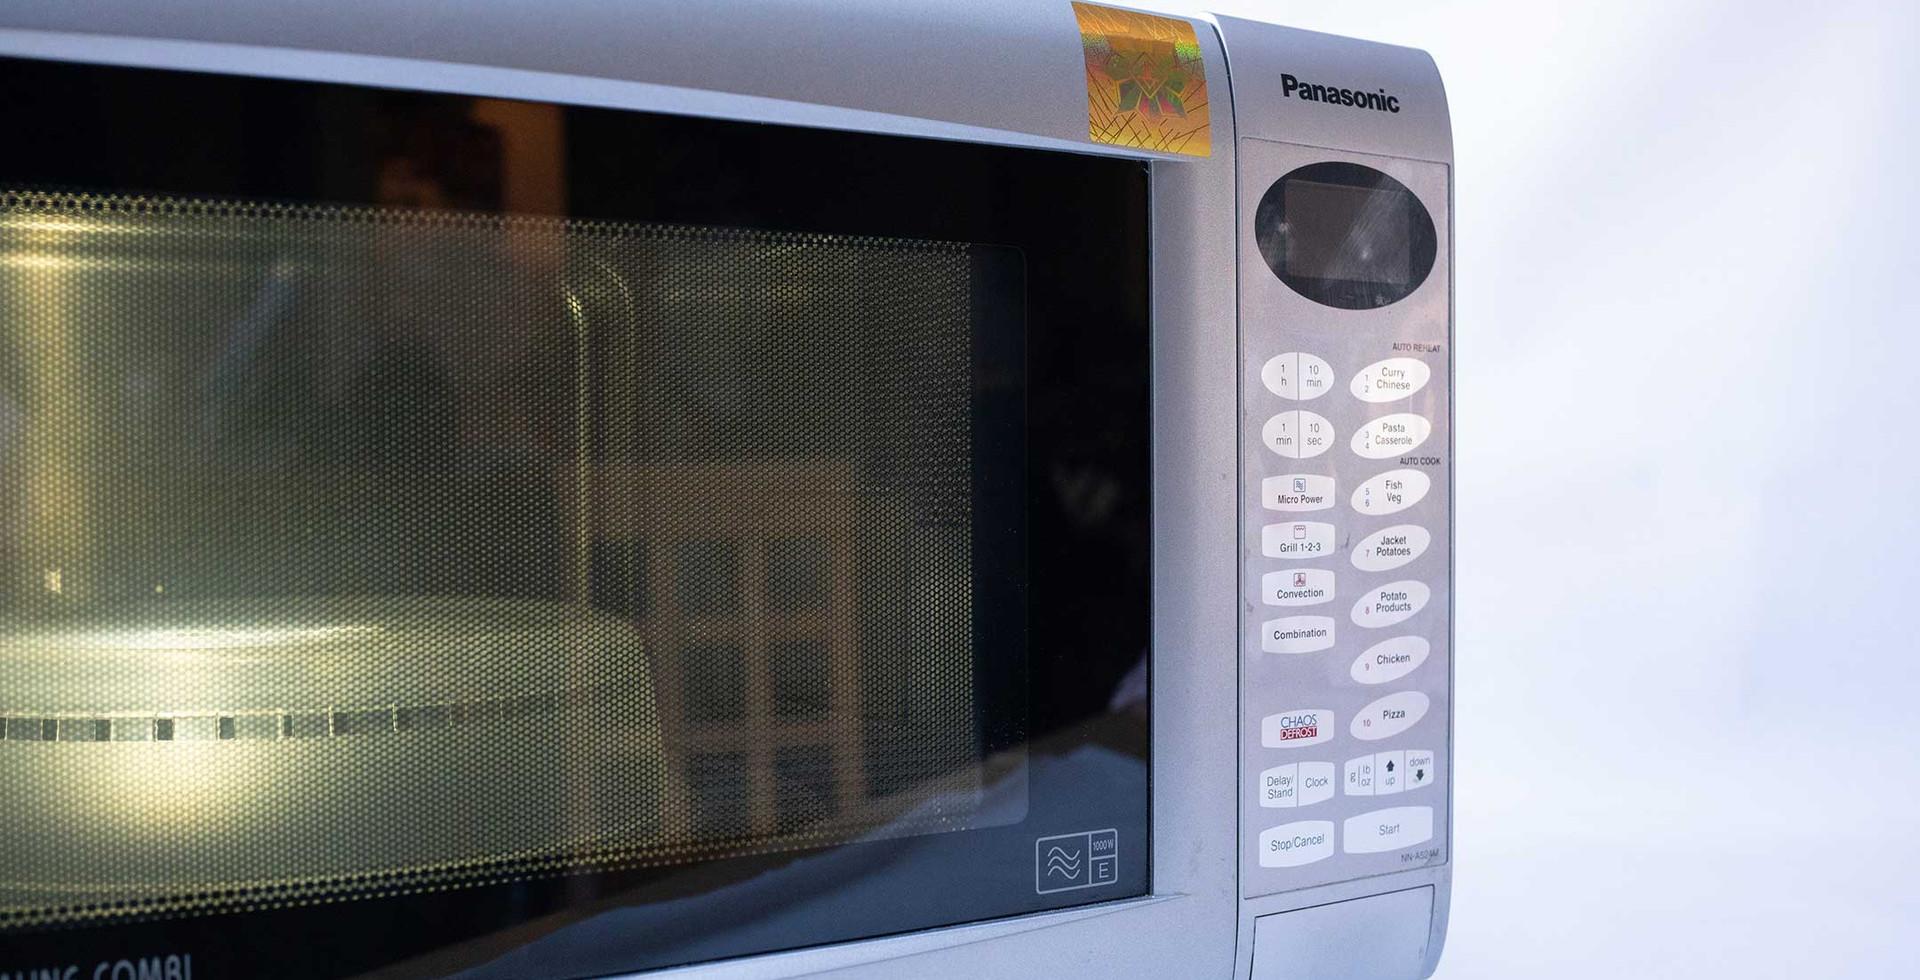 EMF sticker on Microwave.jpg